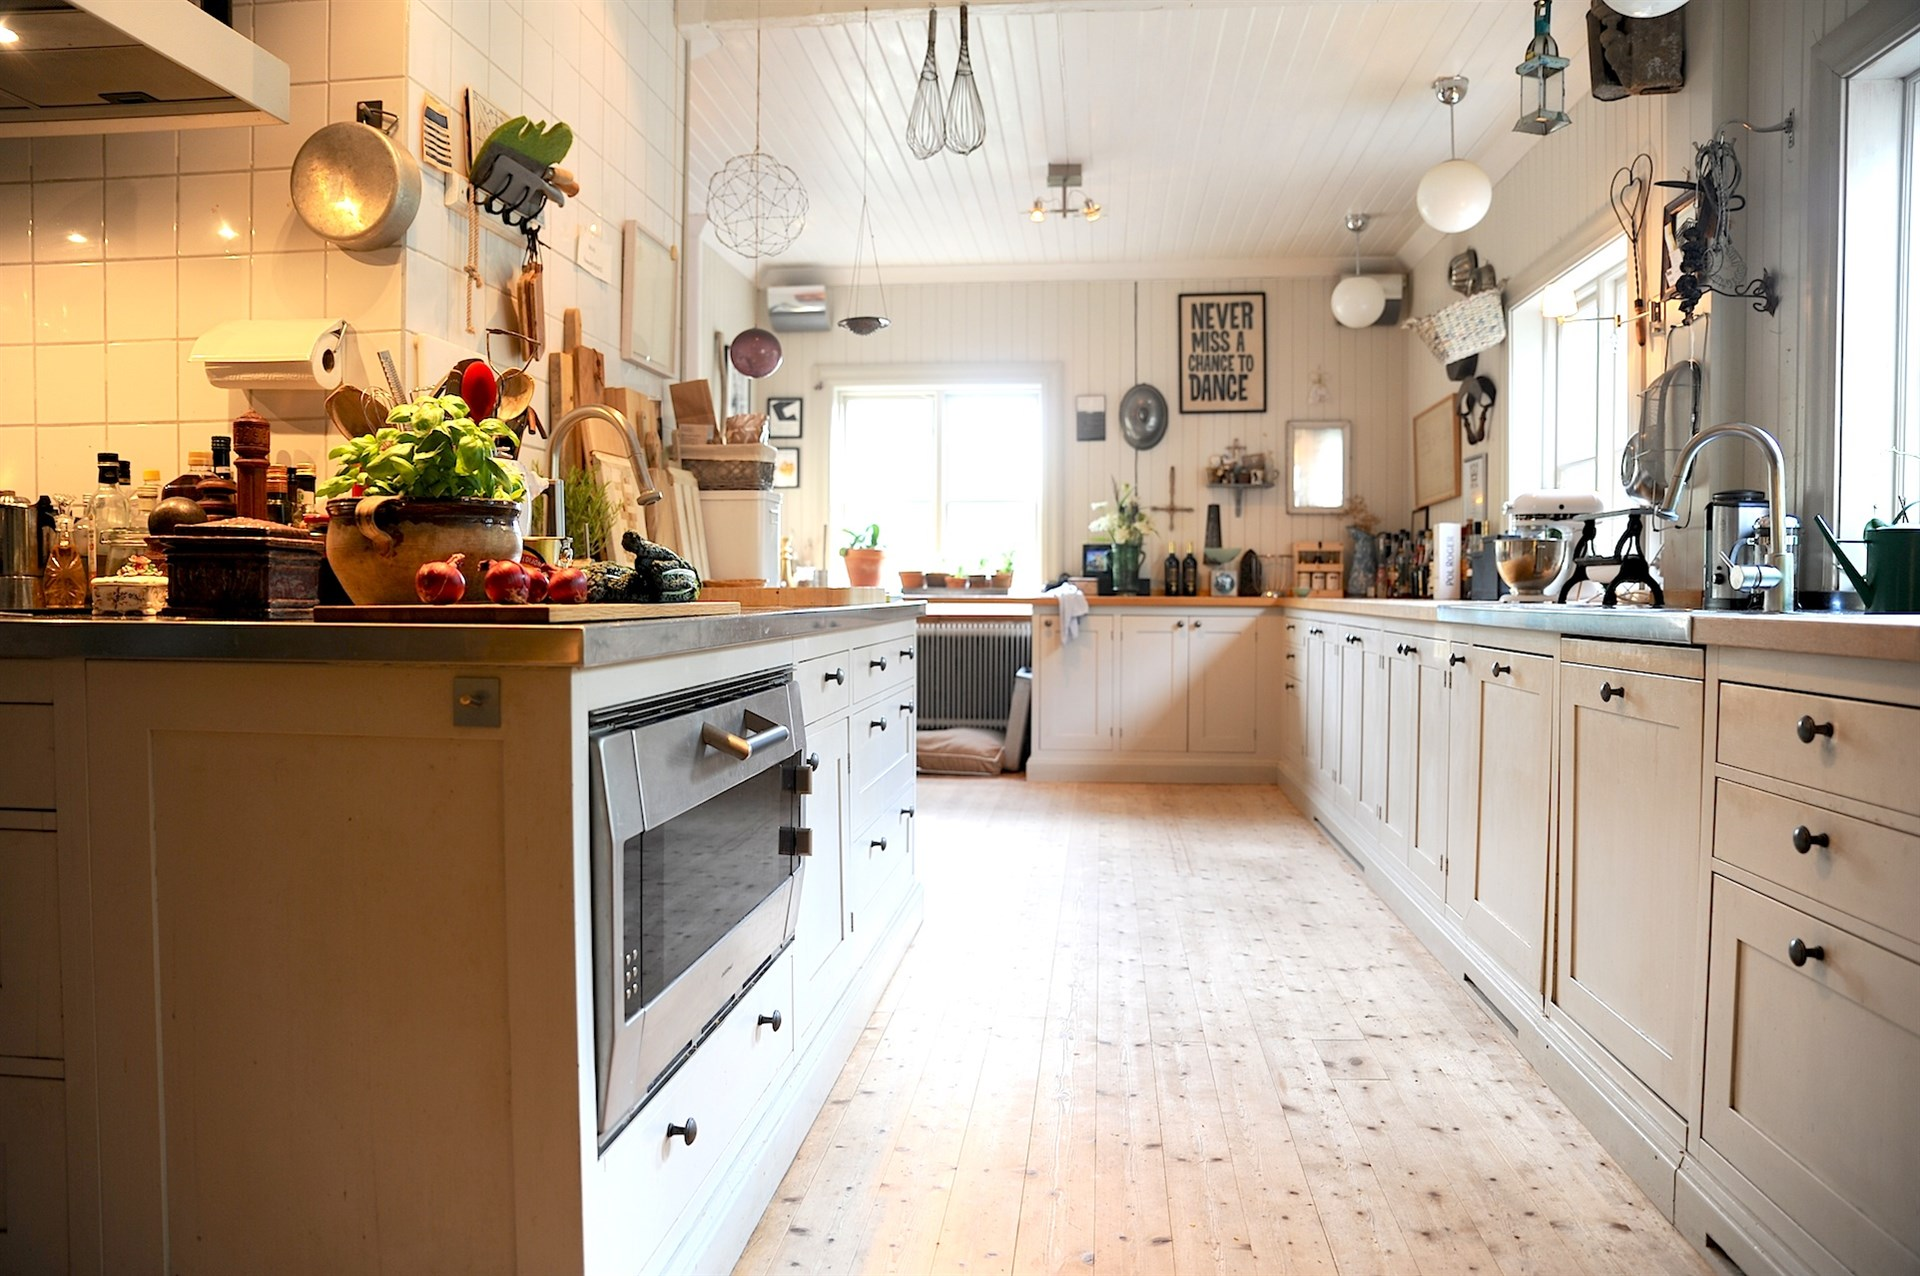 Stort och ljust kök med härlig rymd